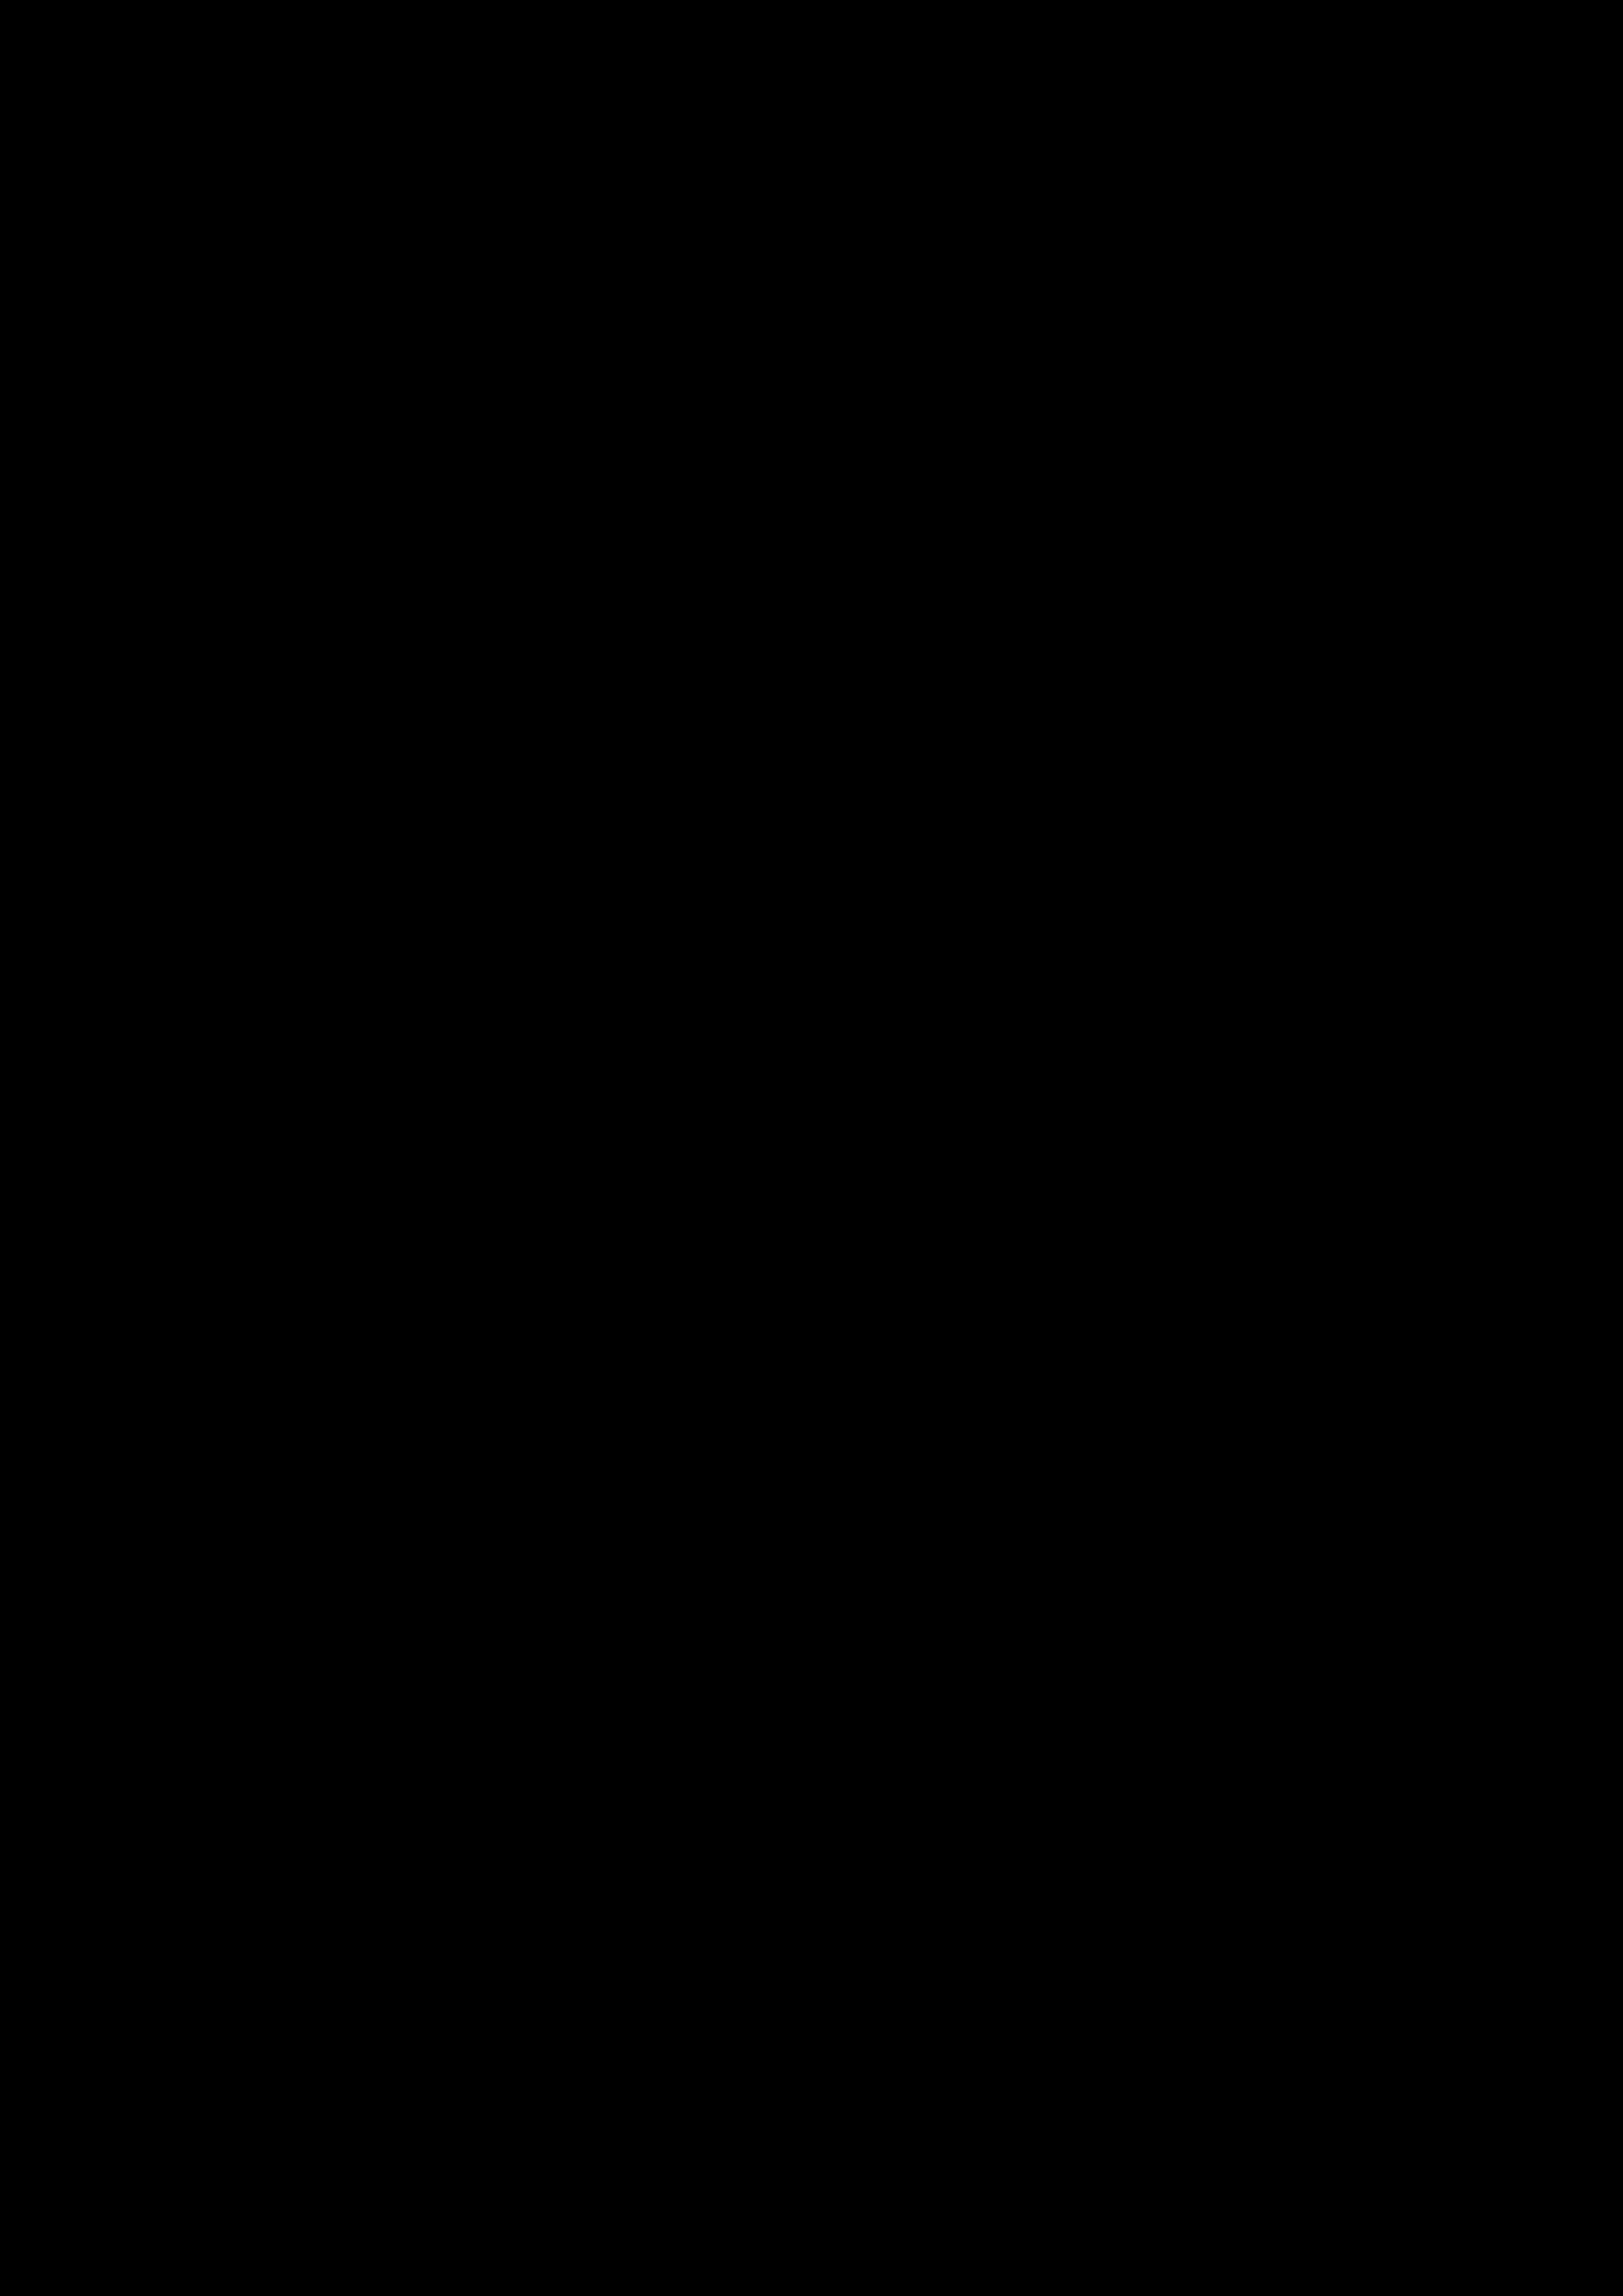 燕园情阿卡贝拉谱